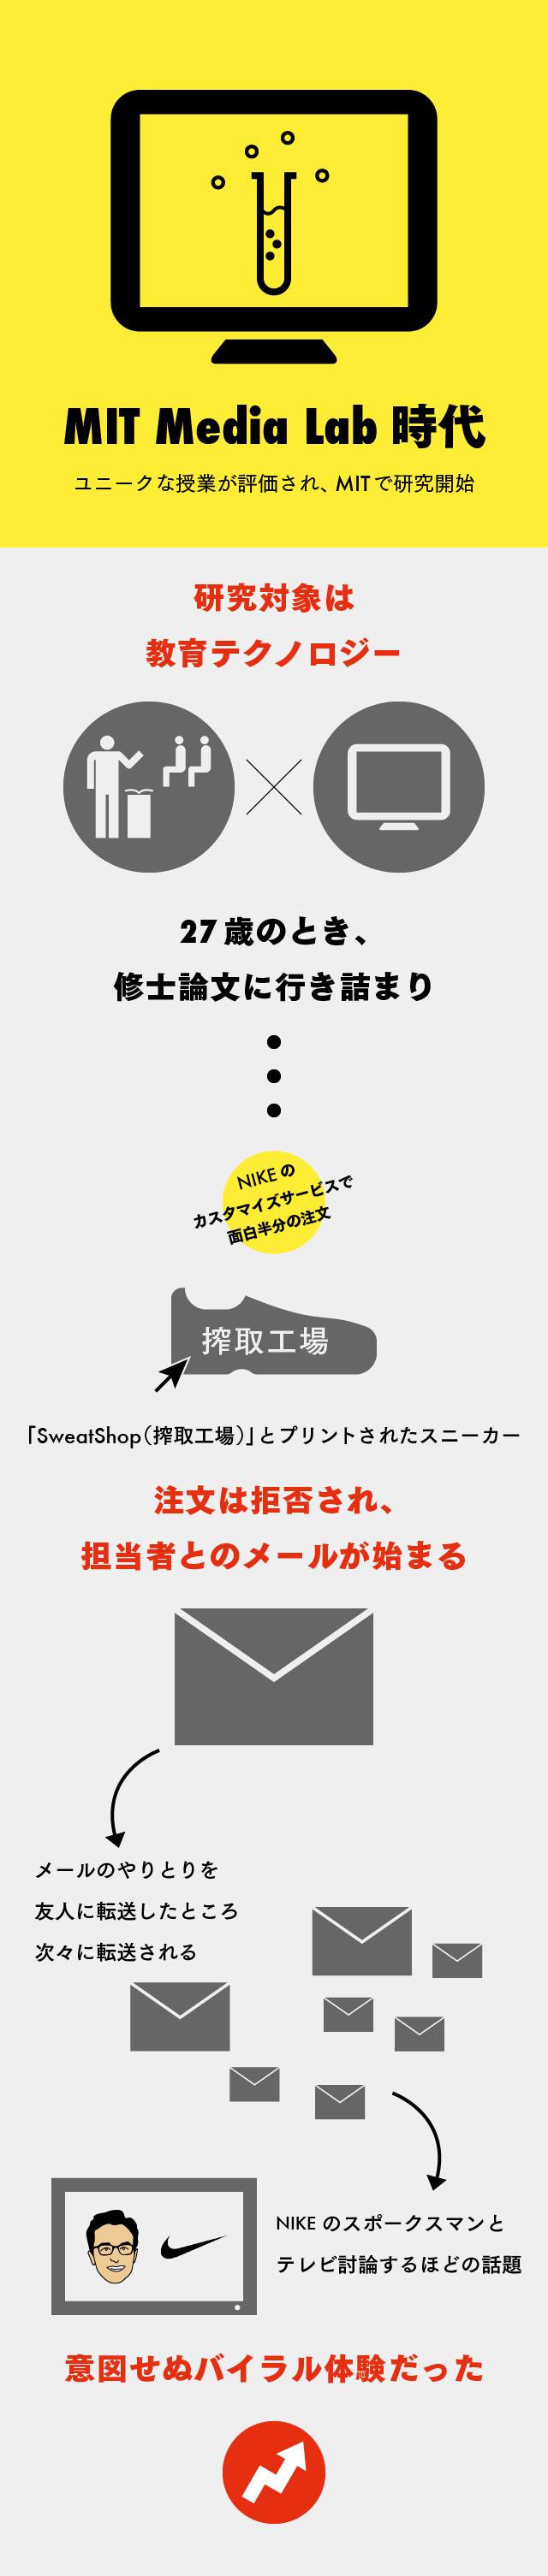 【マスター】バズフィード創業者ストーリー_20150831-04